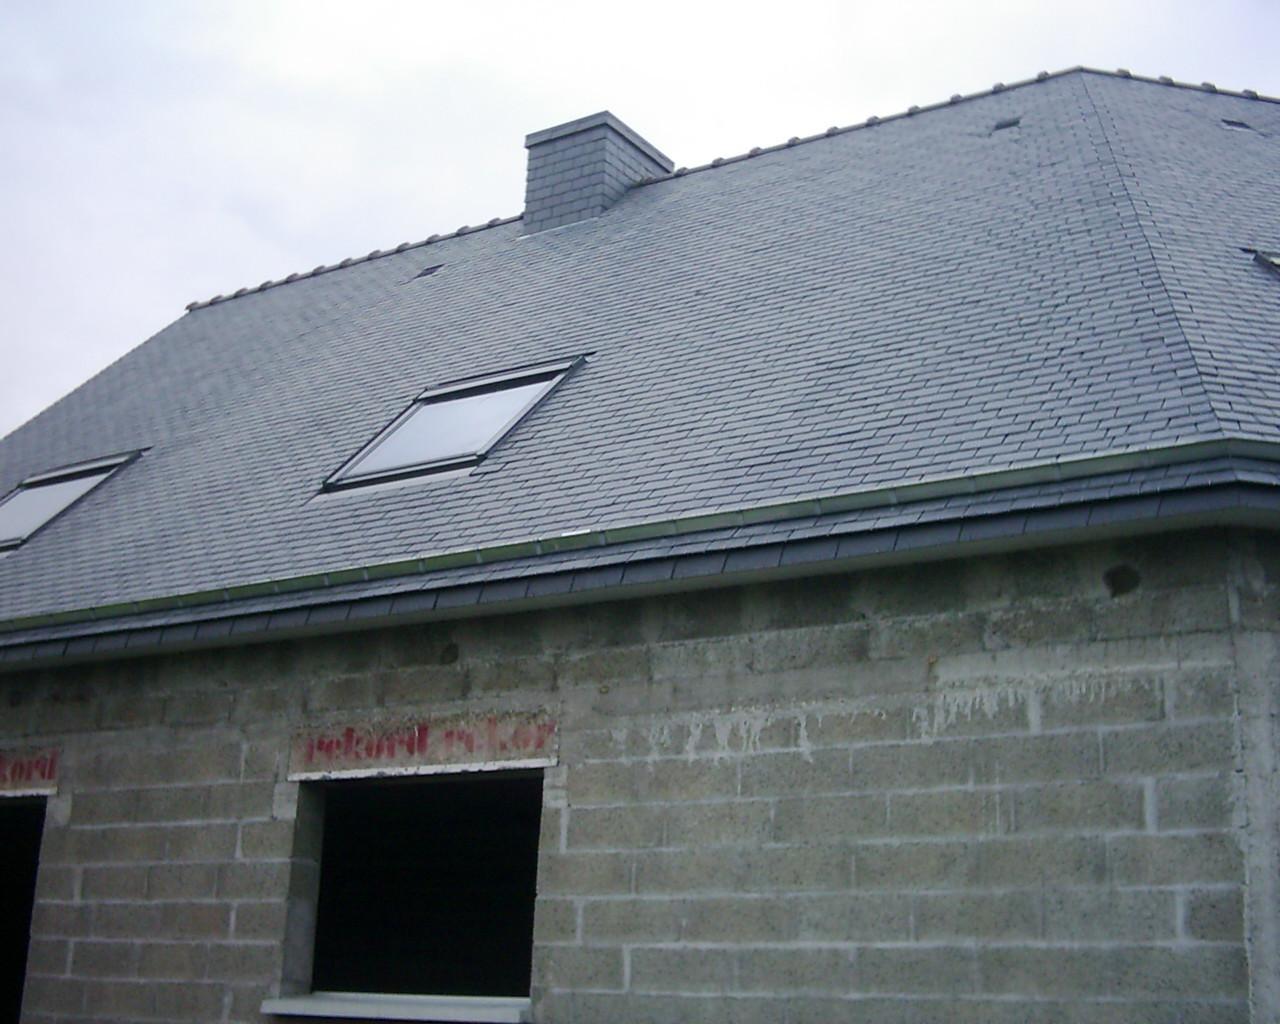 Couverture en ardoise, arêtier et habillage de cheminée